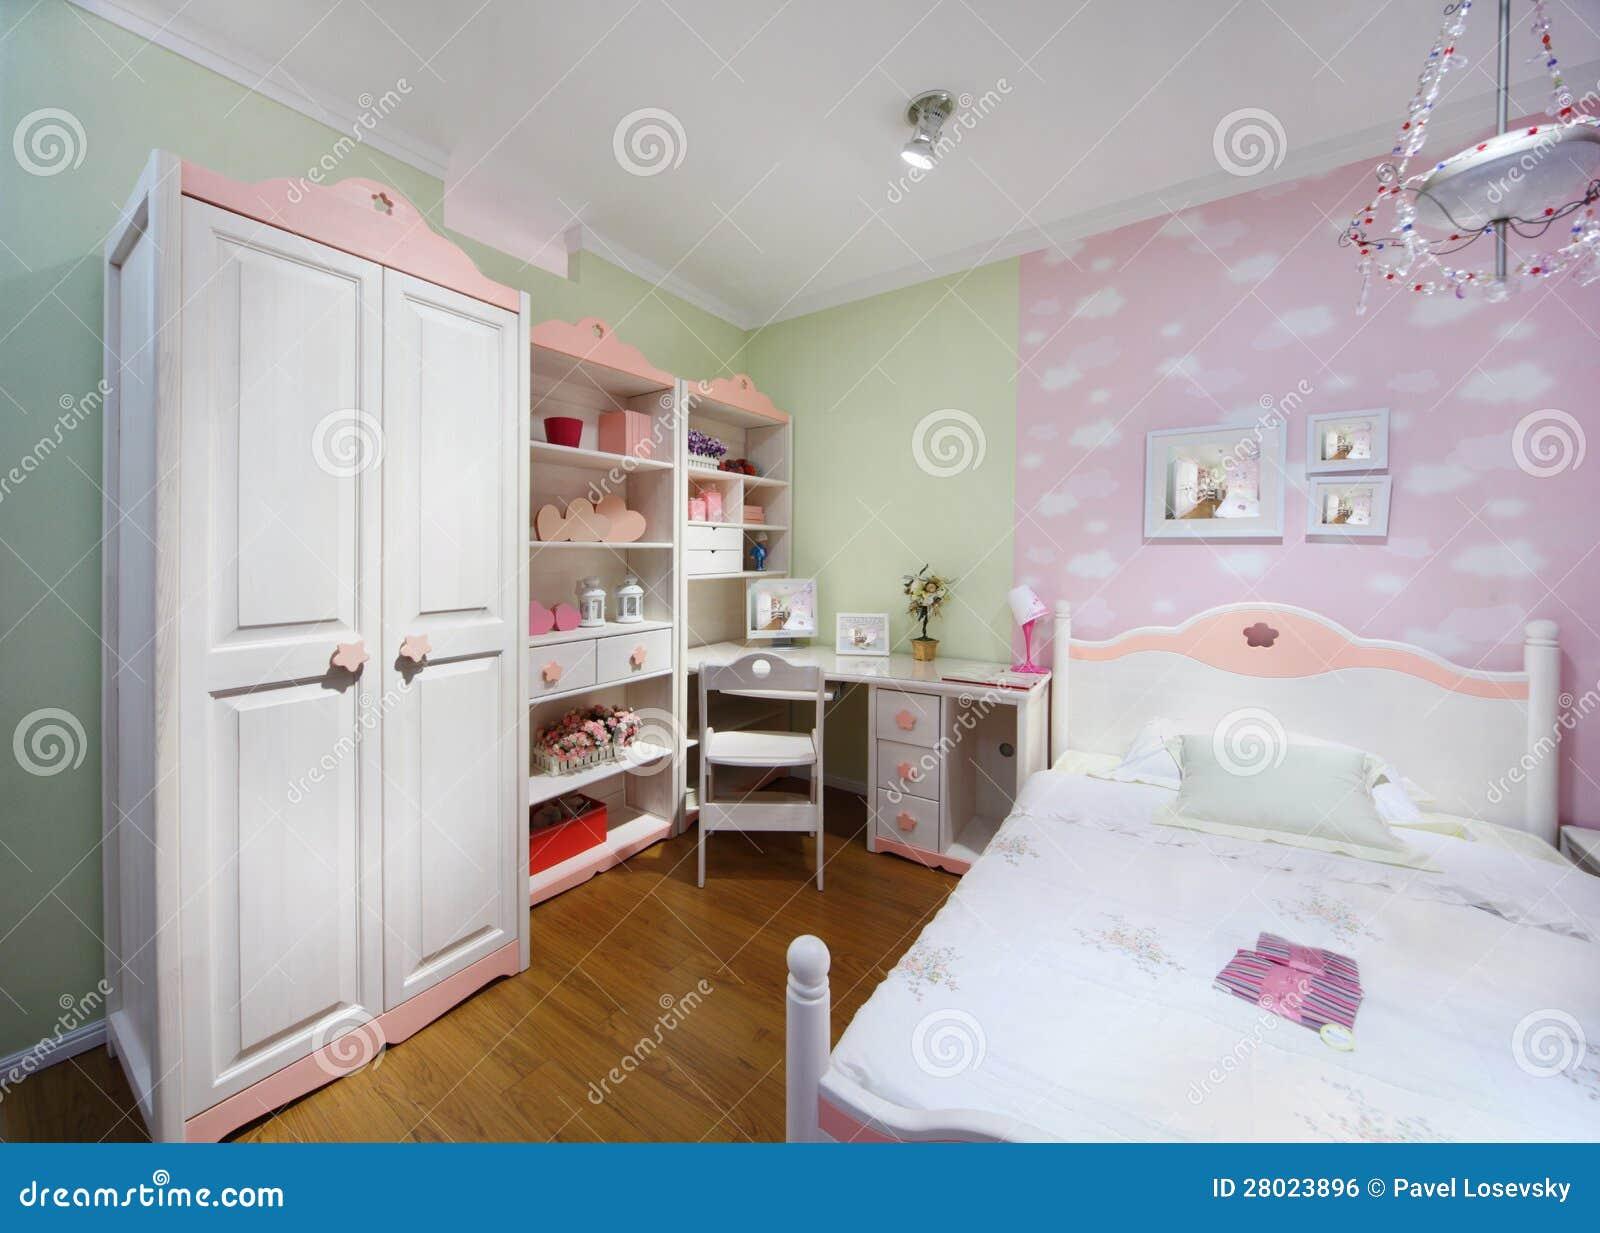 Z Garderobą Elegancka Różowa Sypialnia Obraz Royalty Free - Obraz: 28023896